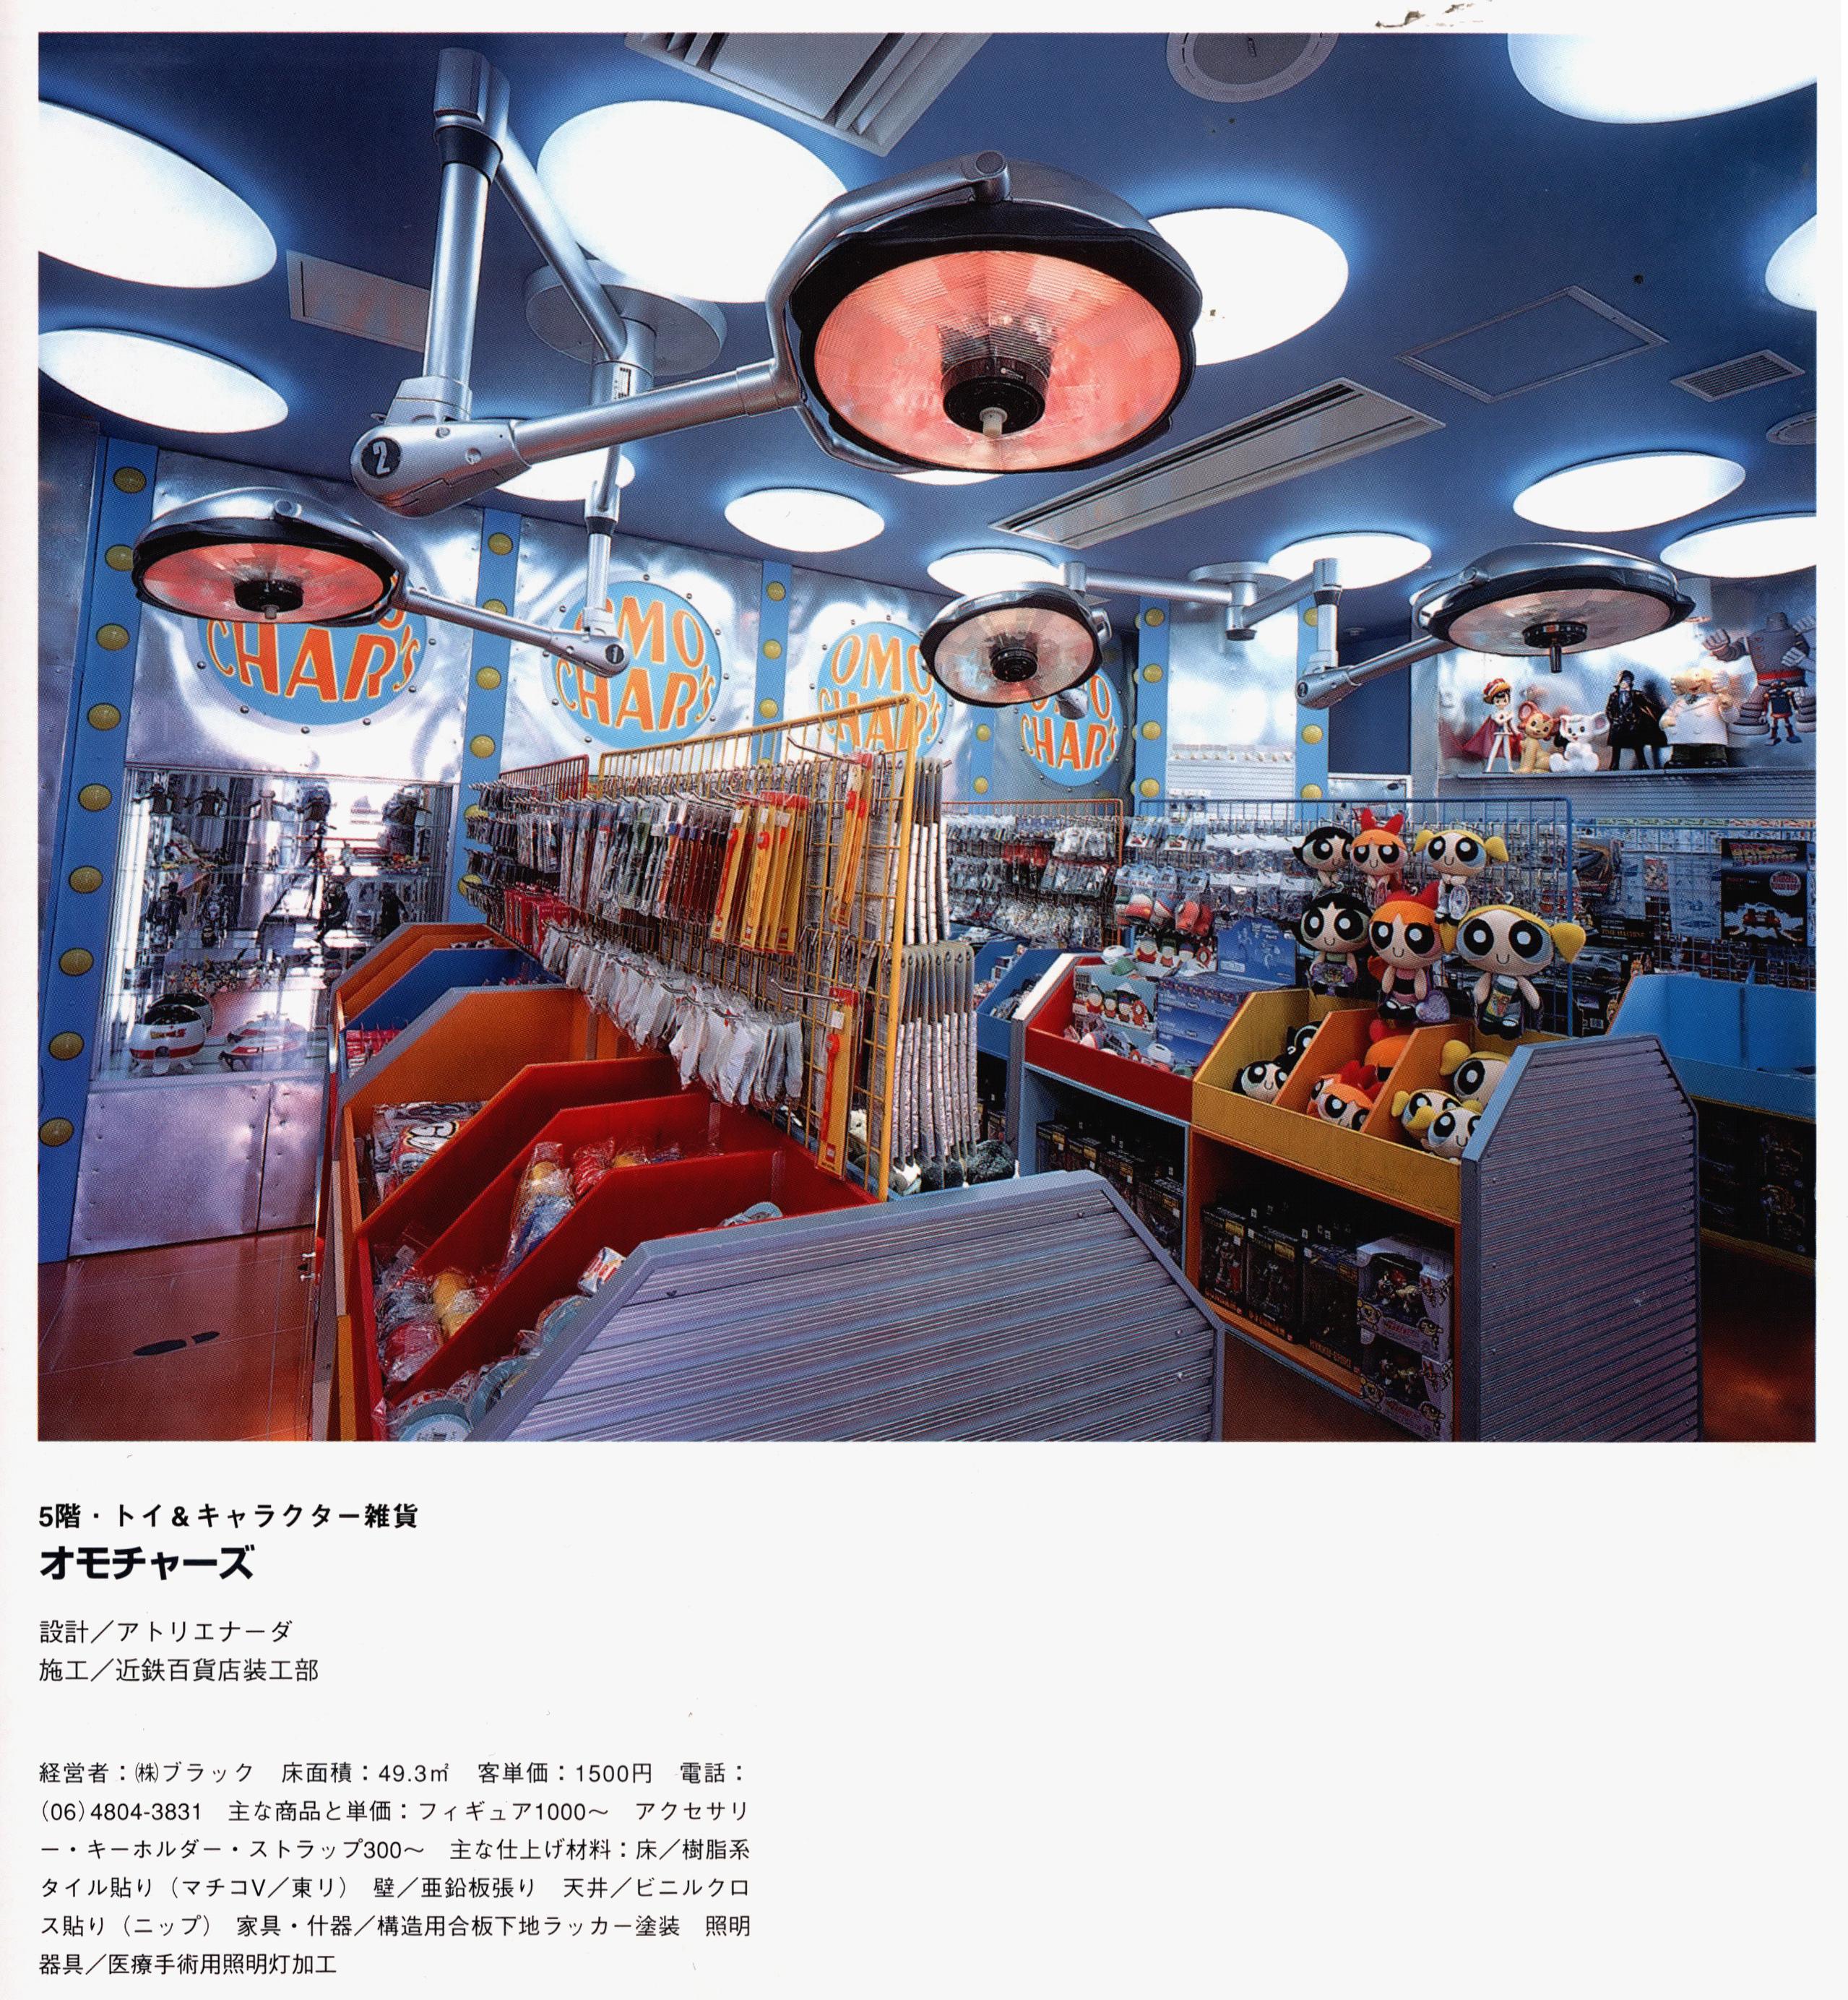 商店建築誌 2001.6月号 OMOCHARS USJ